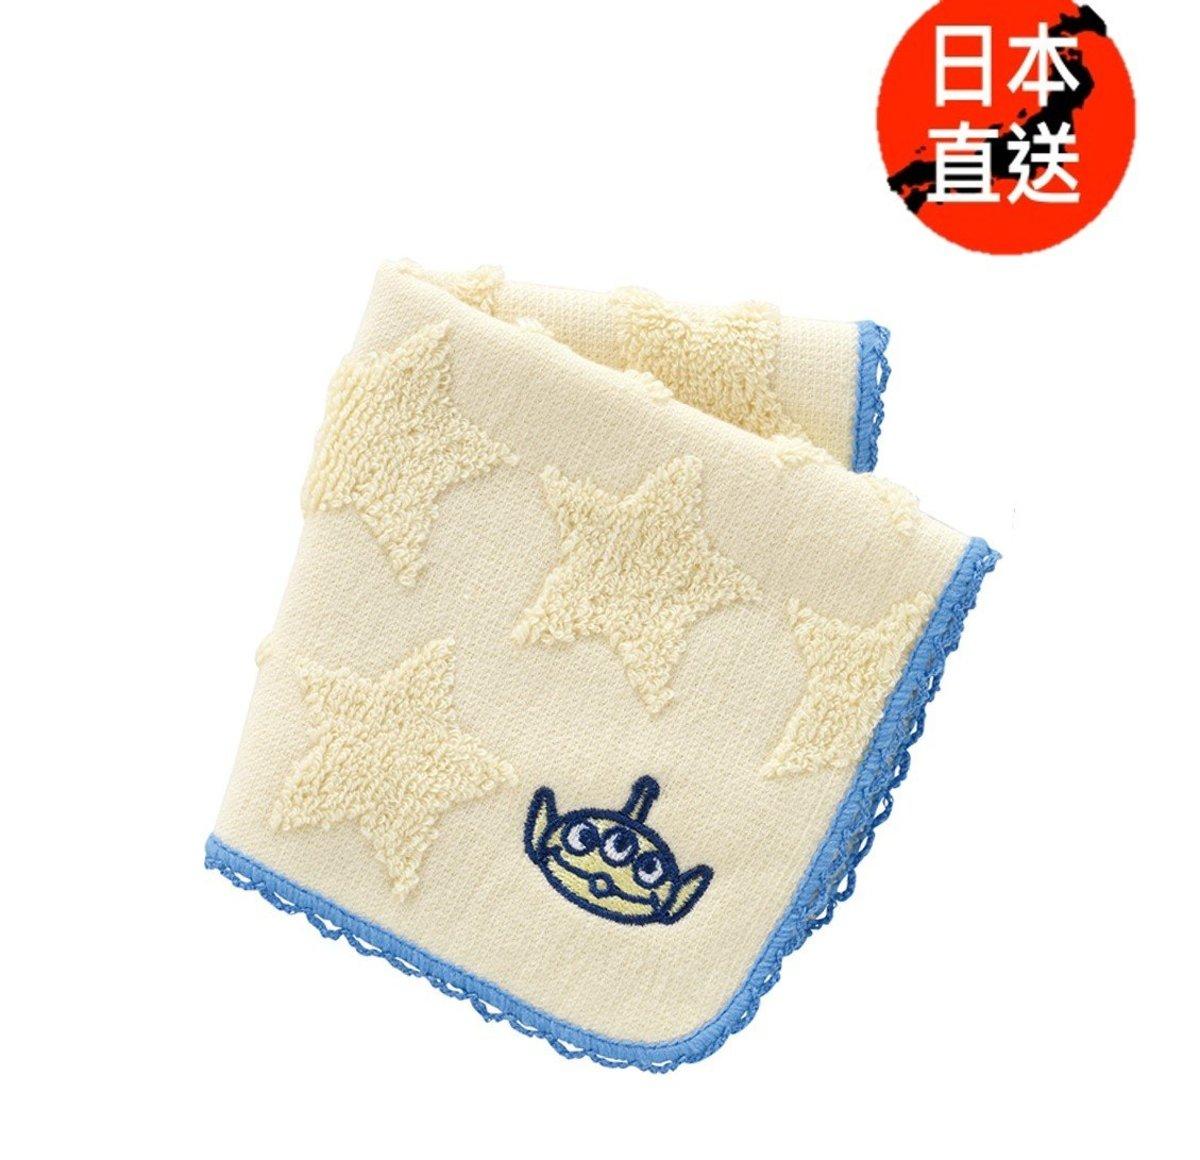 臉巾(三眼仔)(日本直送)(迪士尼許可產品)